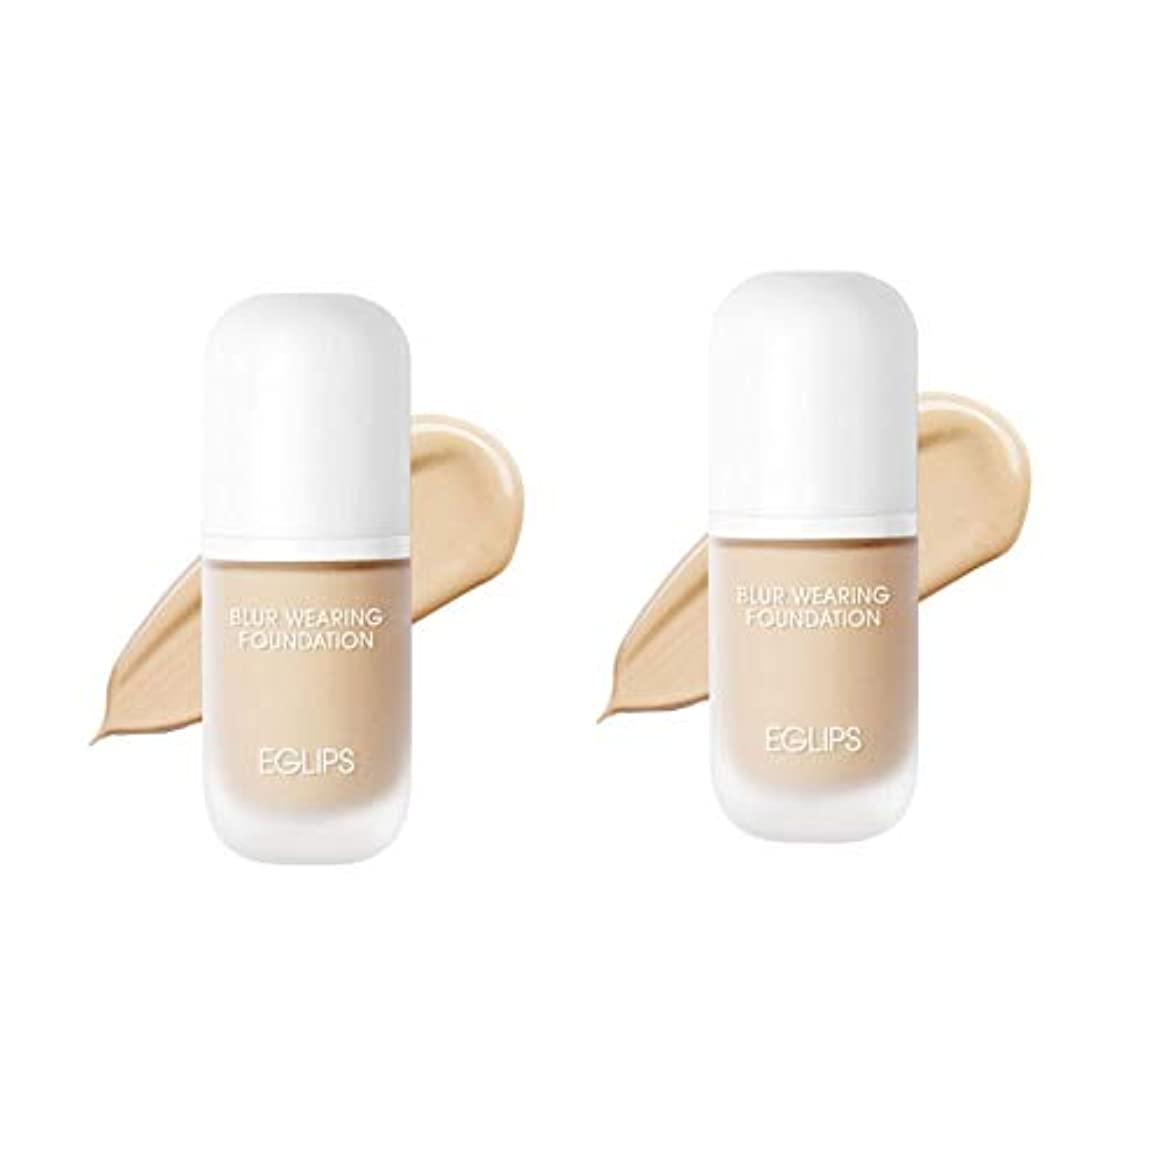 きゅうりドループ一般化するイーグルリップスブラーウェアリングファンデーション 30mlx2本セット3カラー韓国コスメ、EGLIPS Blur Wearing Foundation 30ml x 2ea Set 3 Colors Korean Cosmetics...